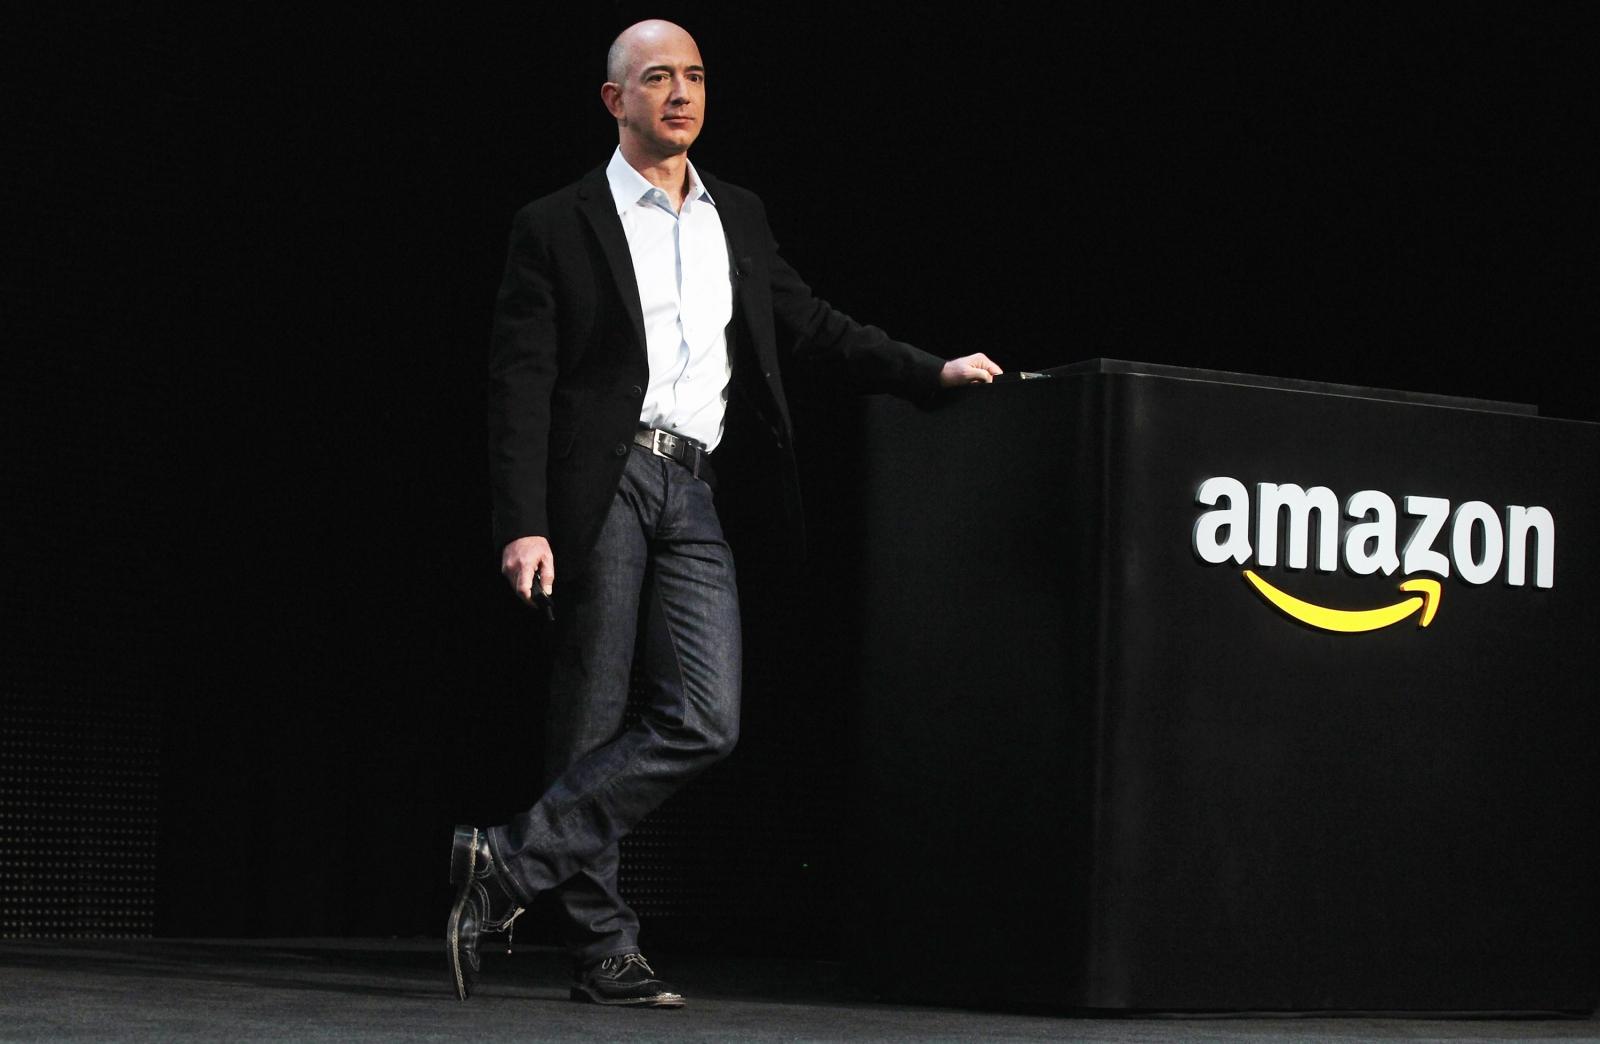 Jeff Bezos world's third richest person